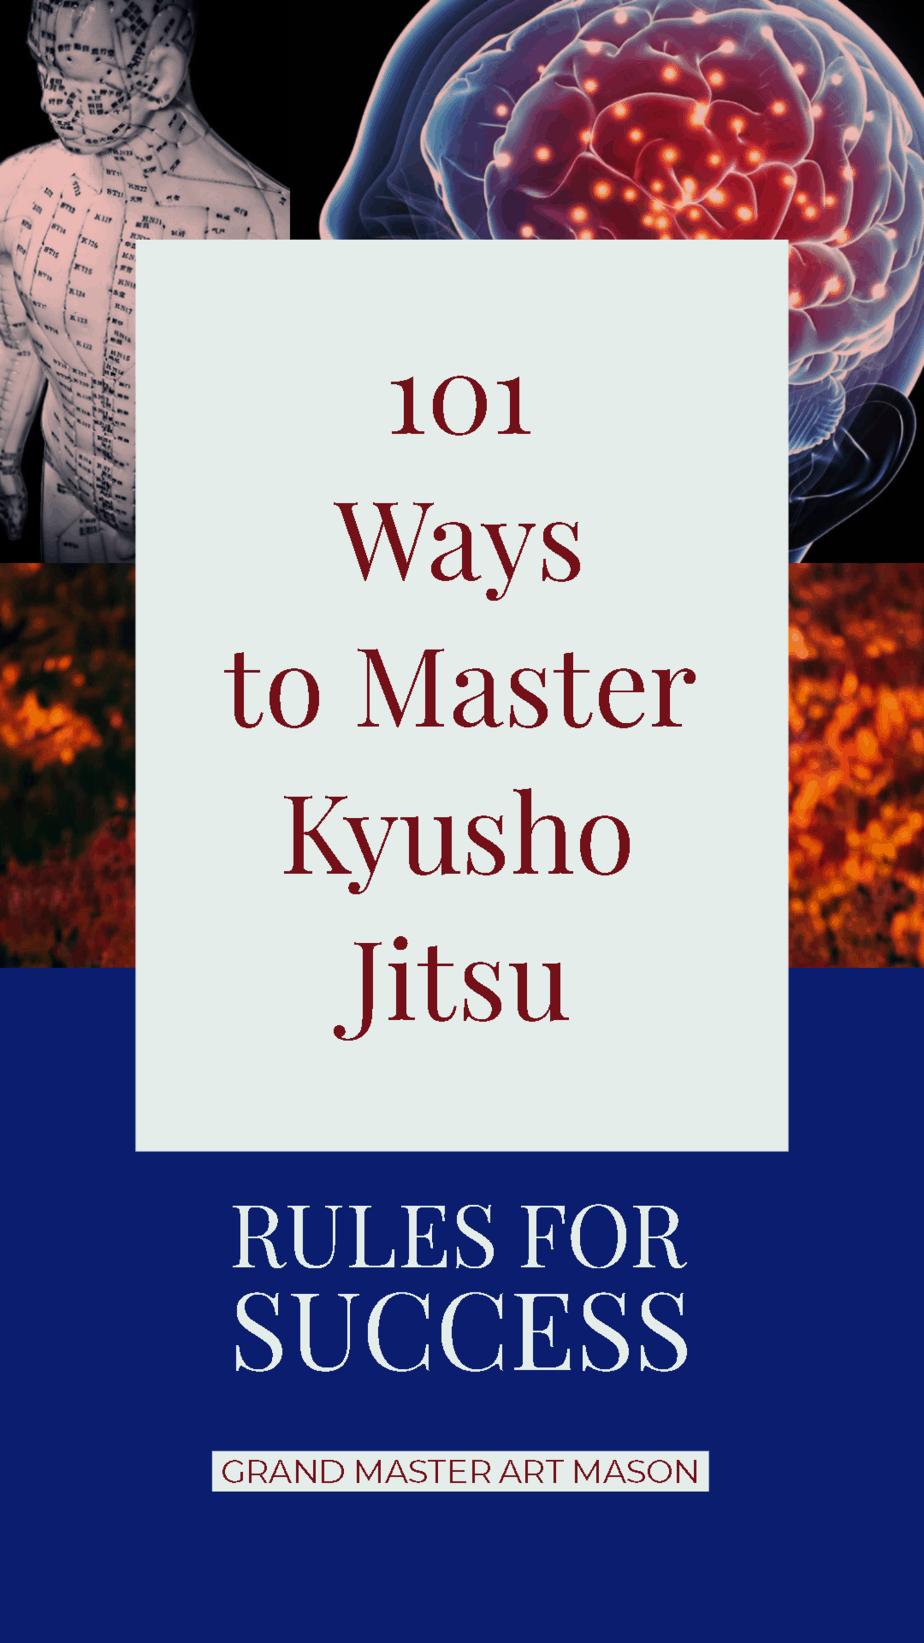 * 101 Way to Master Kyusho Jitsu